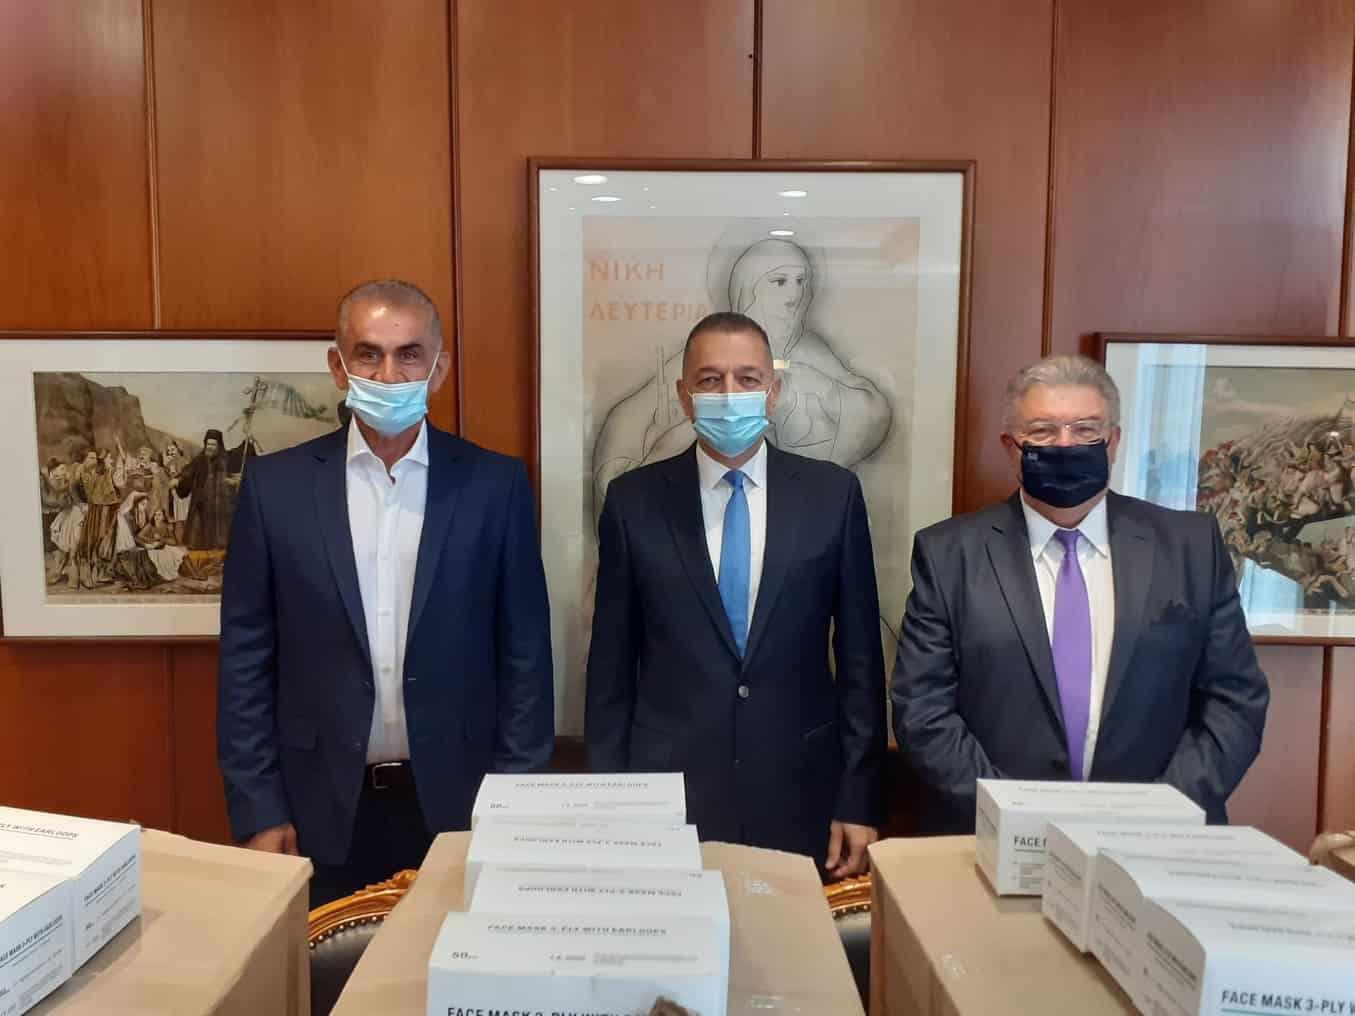 Από τον Γιώτη Τσαλουχίδη παραδόθηκαν 10.000 μάσκες στον υφυπουργό Εθνικής Άμυνας Αλκιβιάδη Στεφανή.